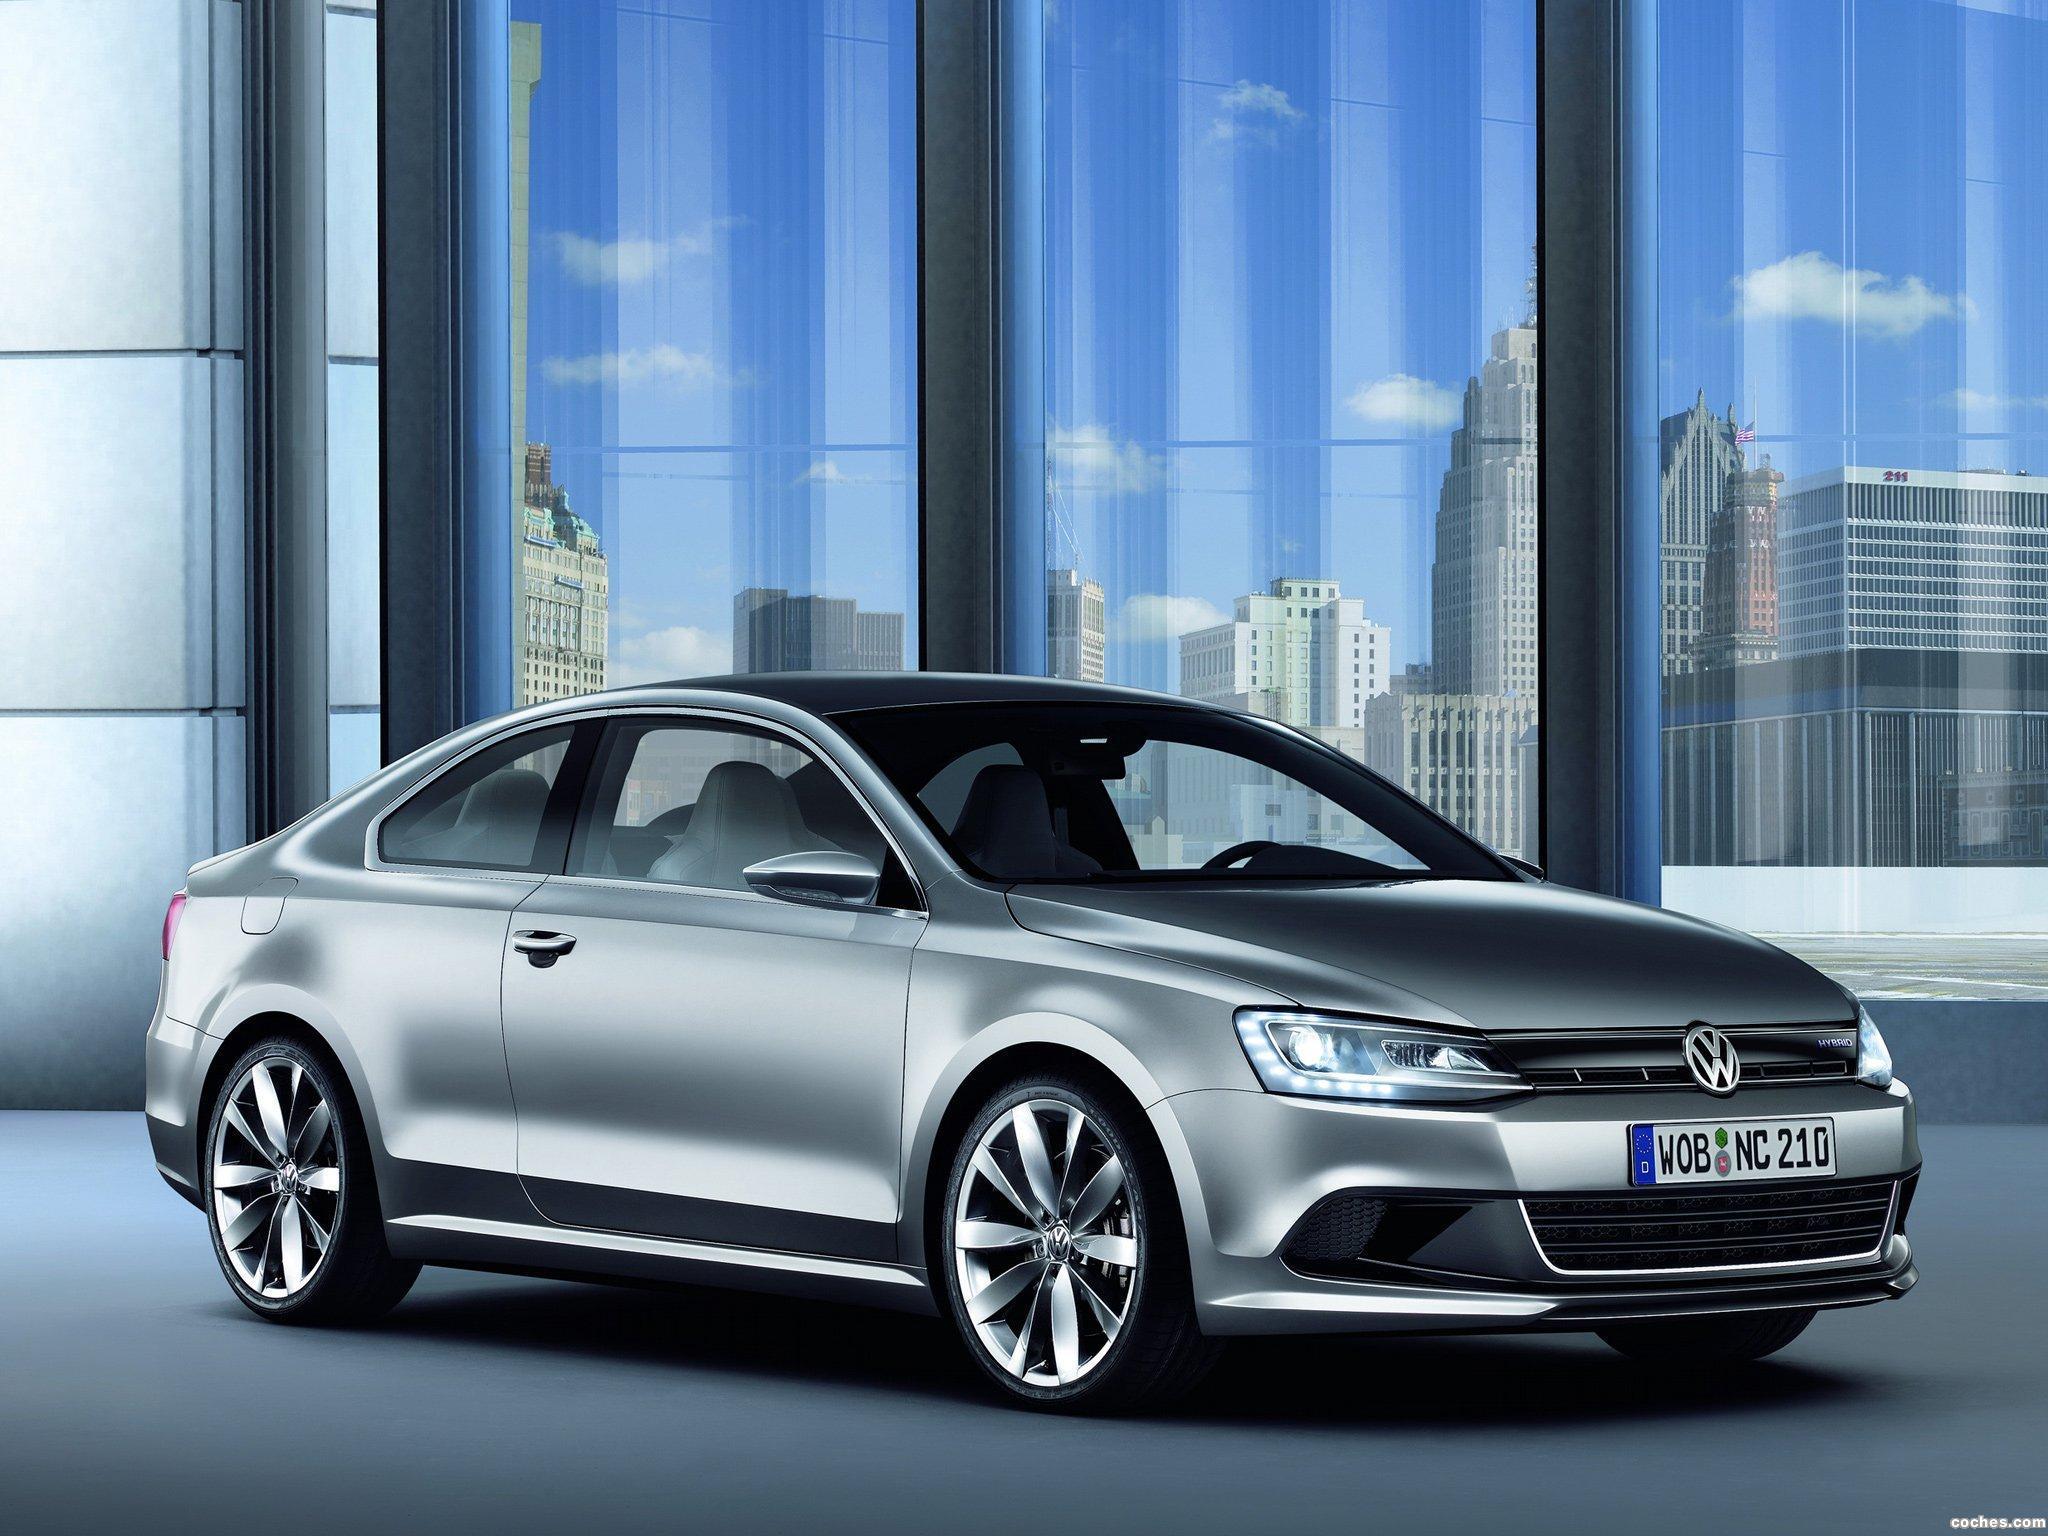 Foto 0 de Volkswagen New Compact Coupe NCC Concept 2010